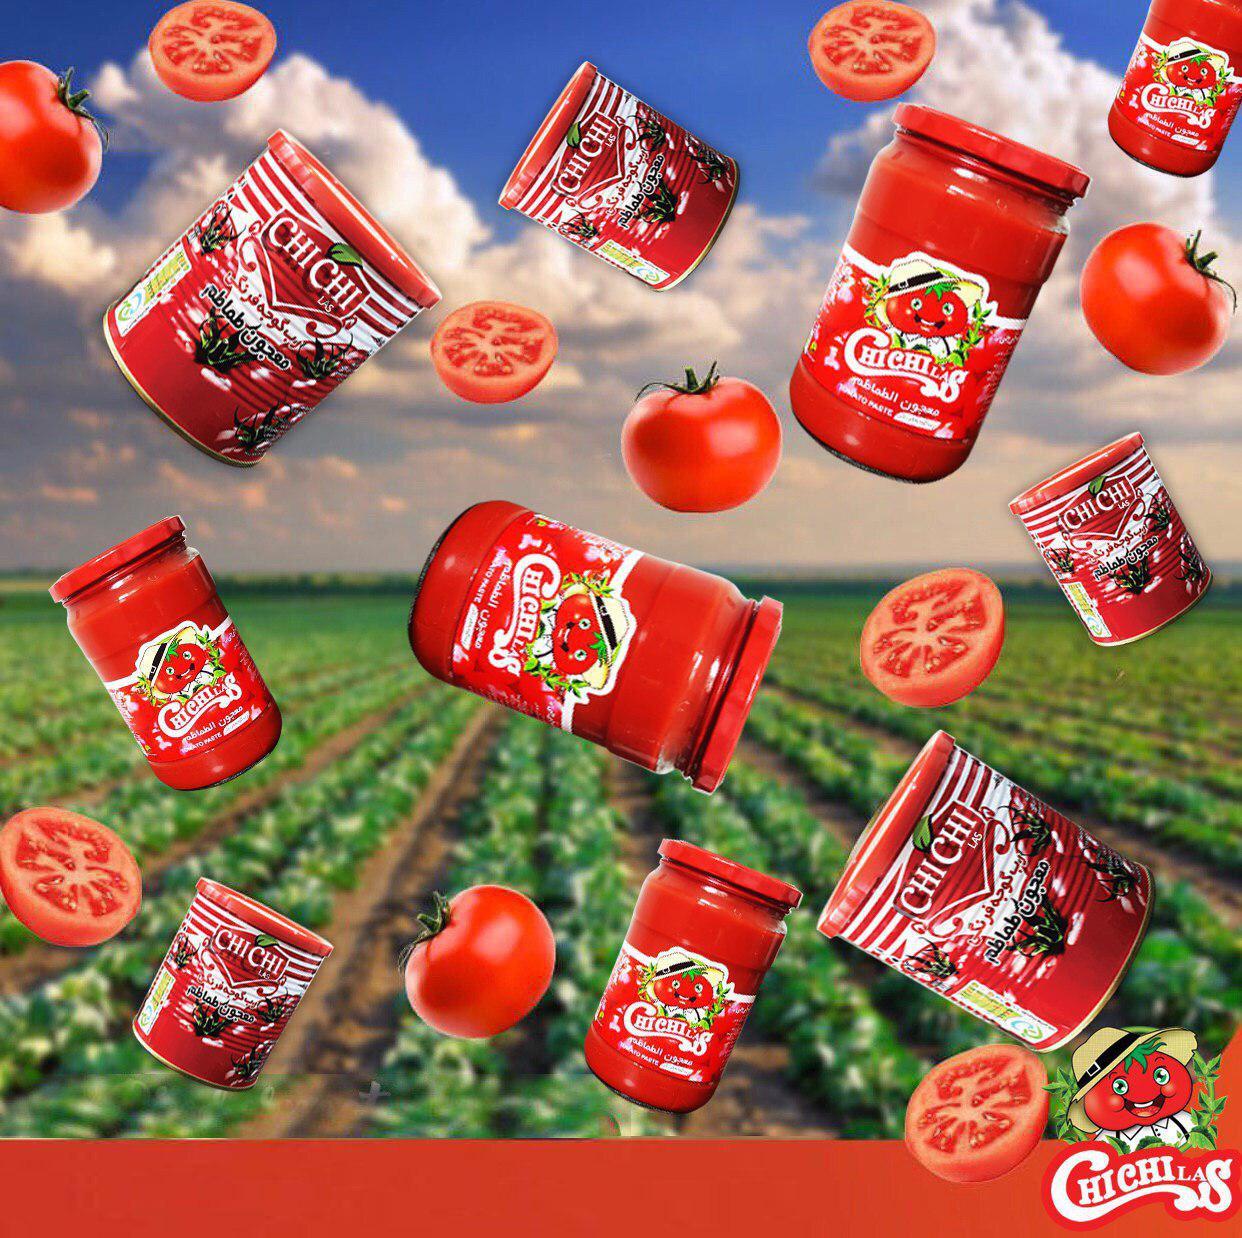 خرید رب گوجه فرنگی مارک چی چی لاس